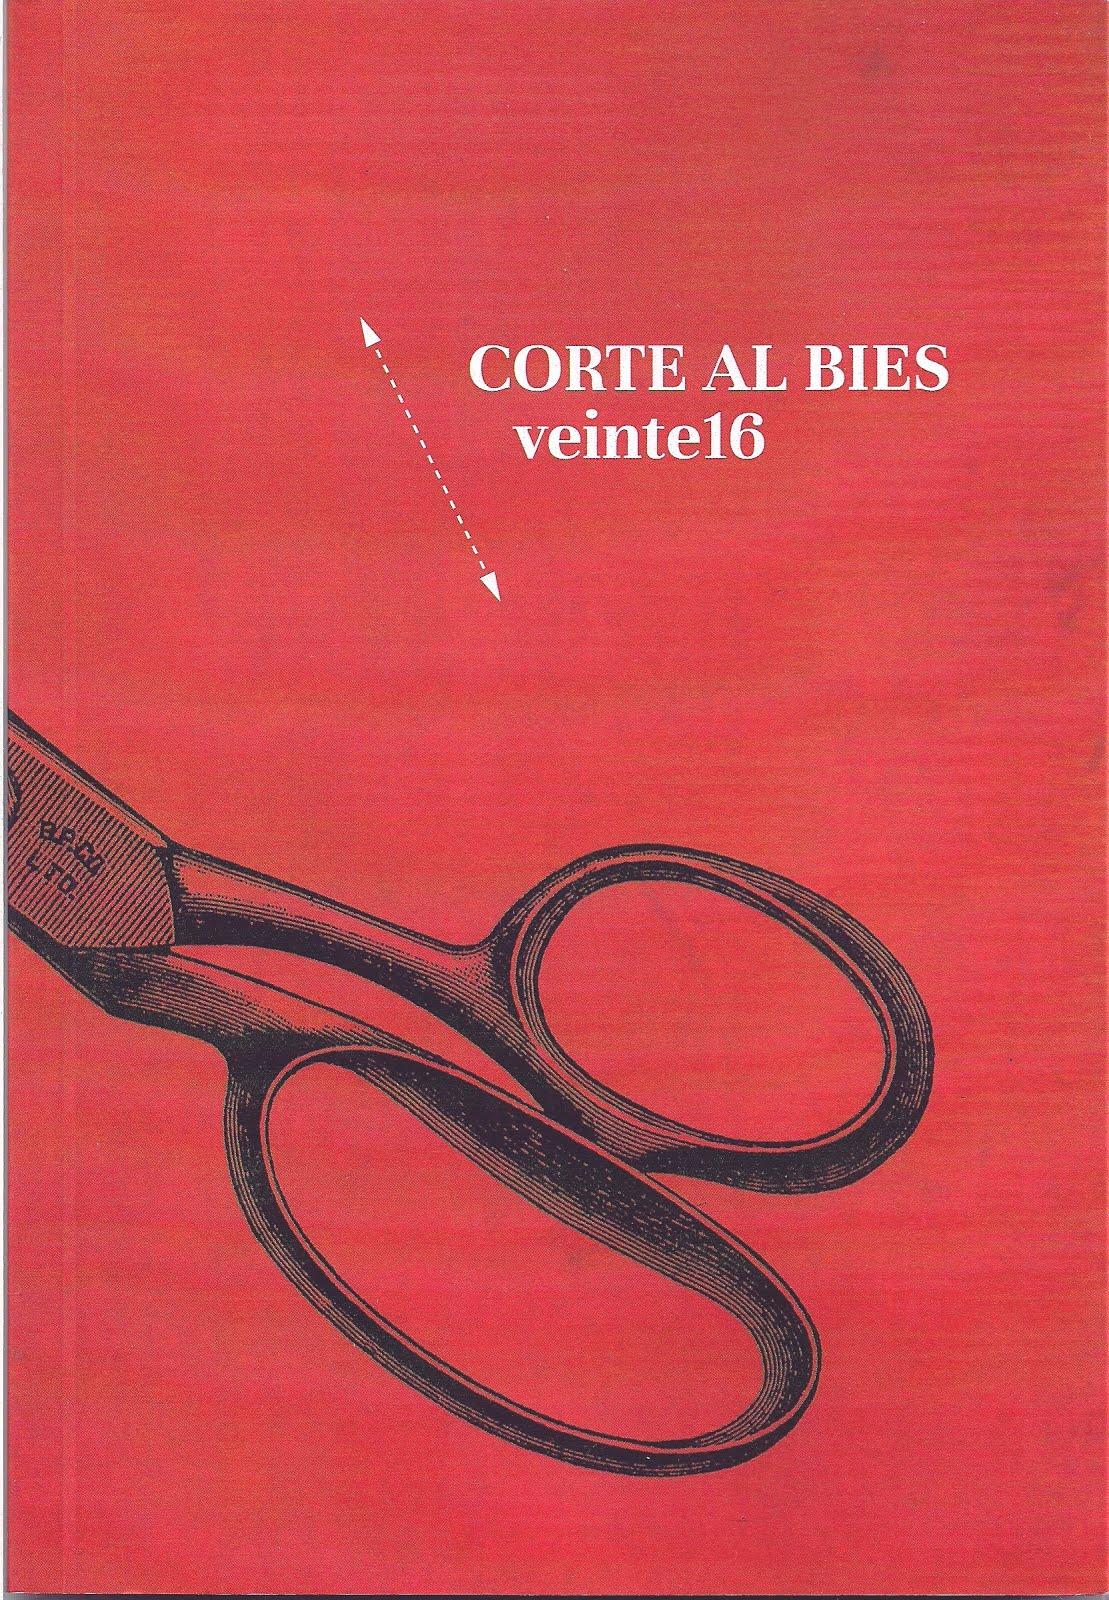 CORTE AL BIES veinte16